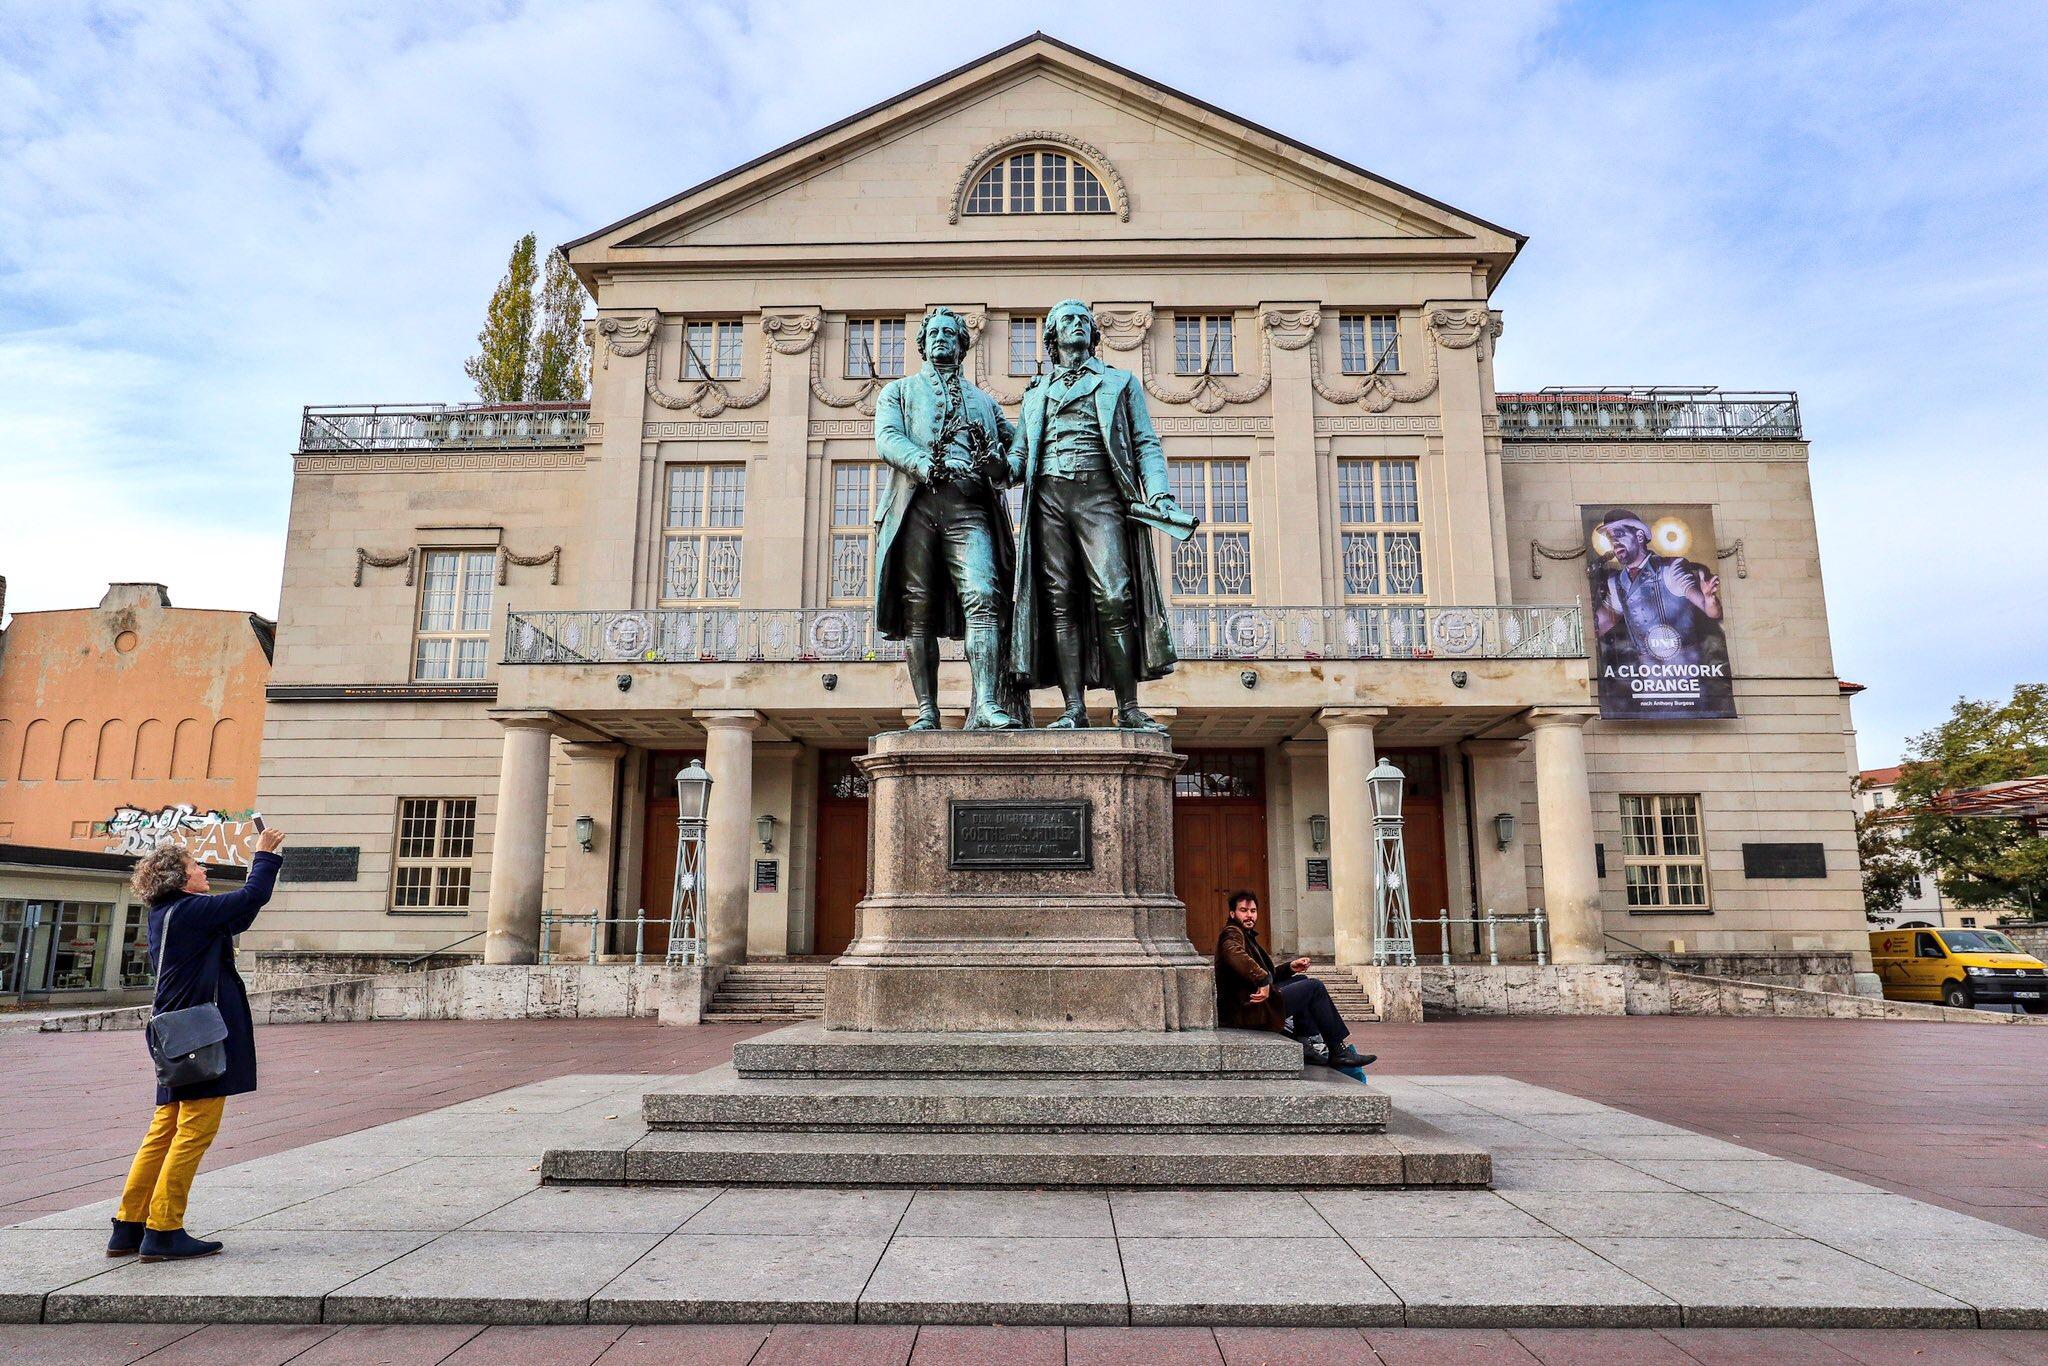 Goethe–Schiller Monument, Weimar, Germany